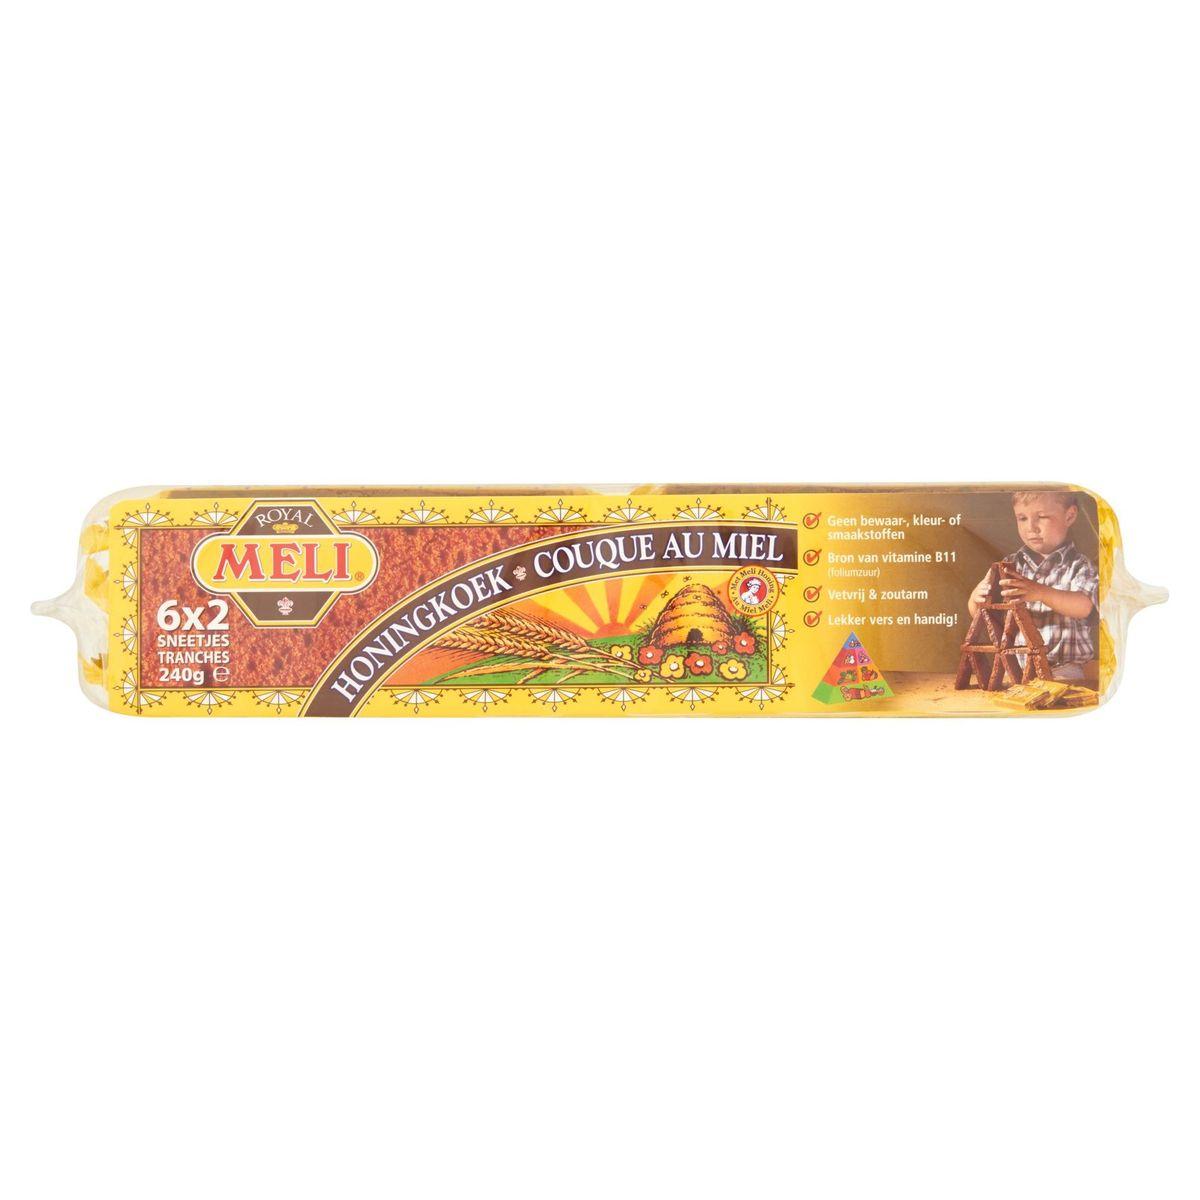 Meli Royal Couque au Miel 6 x 2 Tranches 240 g